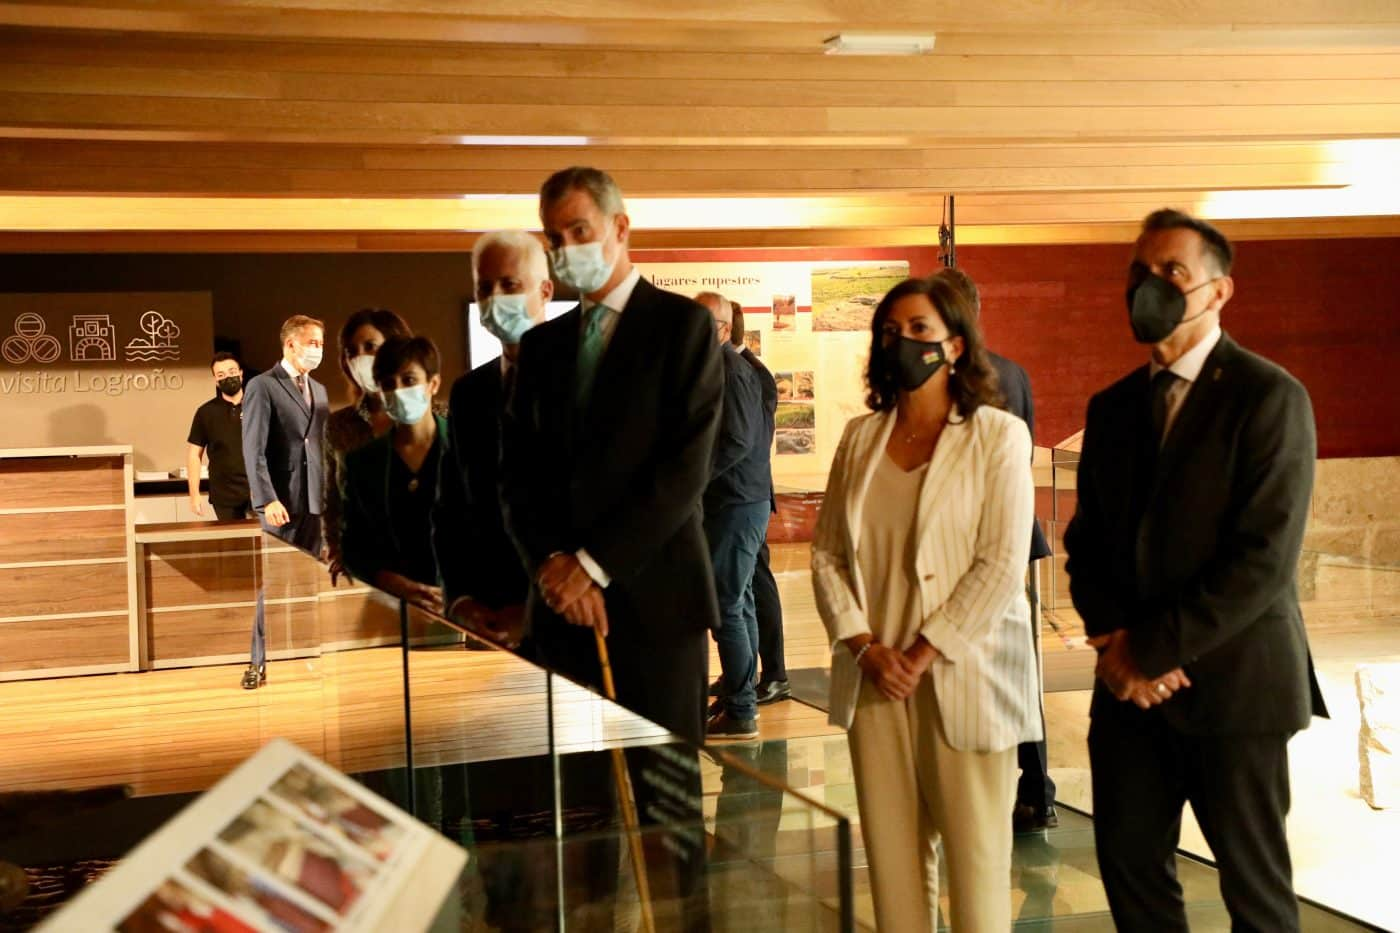 FOTOS: Felipe VI visita Logroño con motivo del V Centenario del Sitio de la Ciudad 1